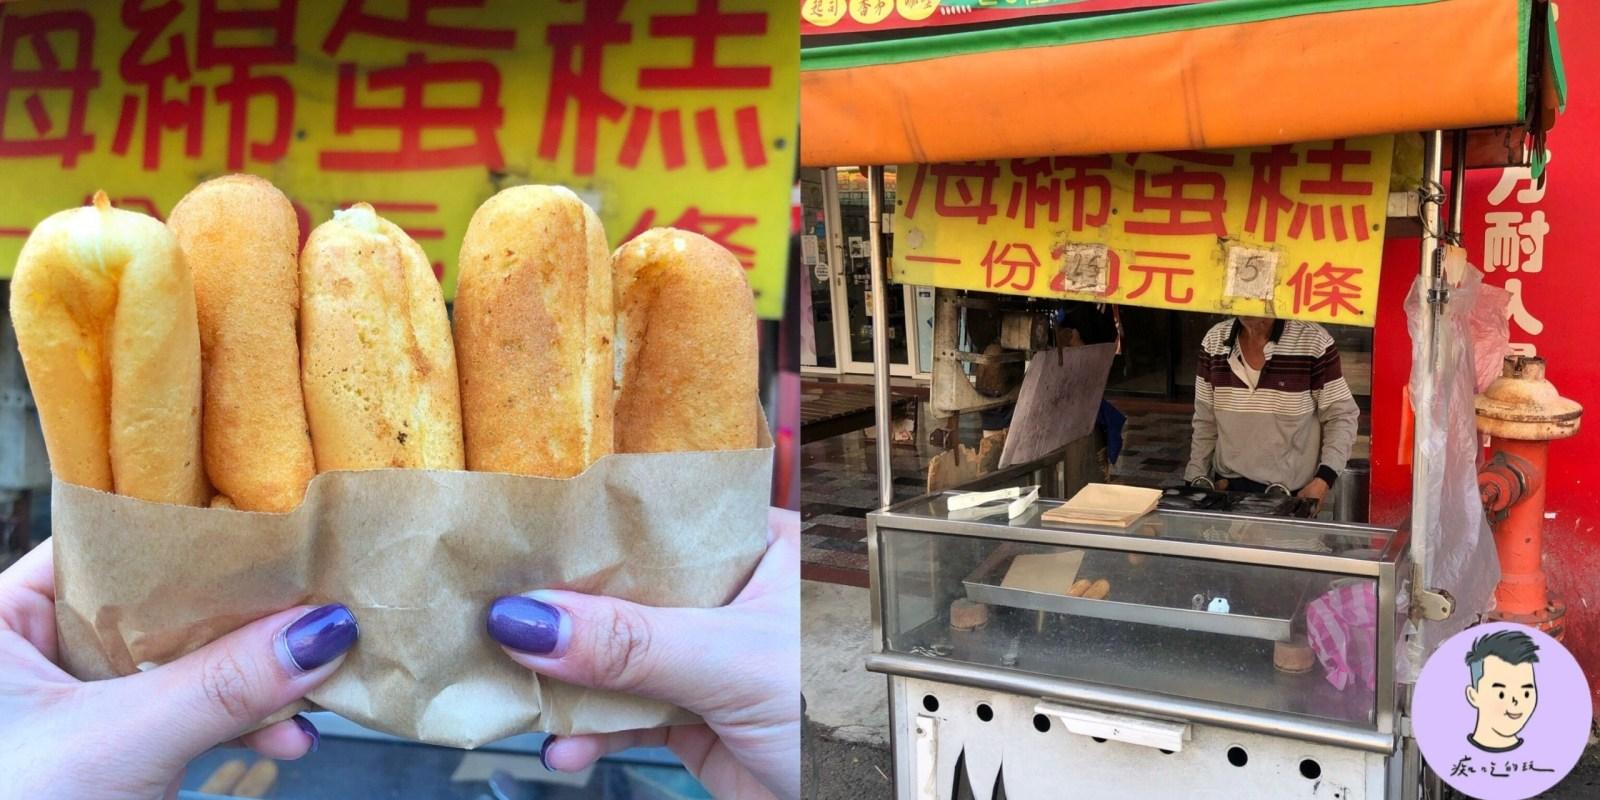 【台南美食】阿伯賣的古早味「公園路無名海綿蛋糕」五元銅板價!下午只開張四小時就收攤|北區美食